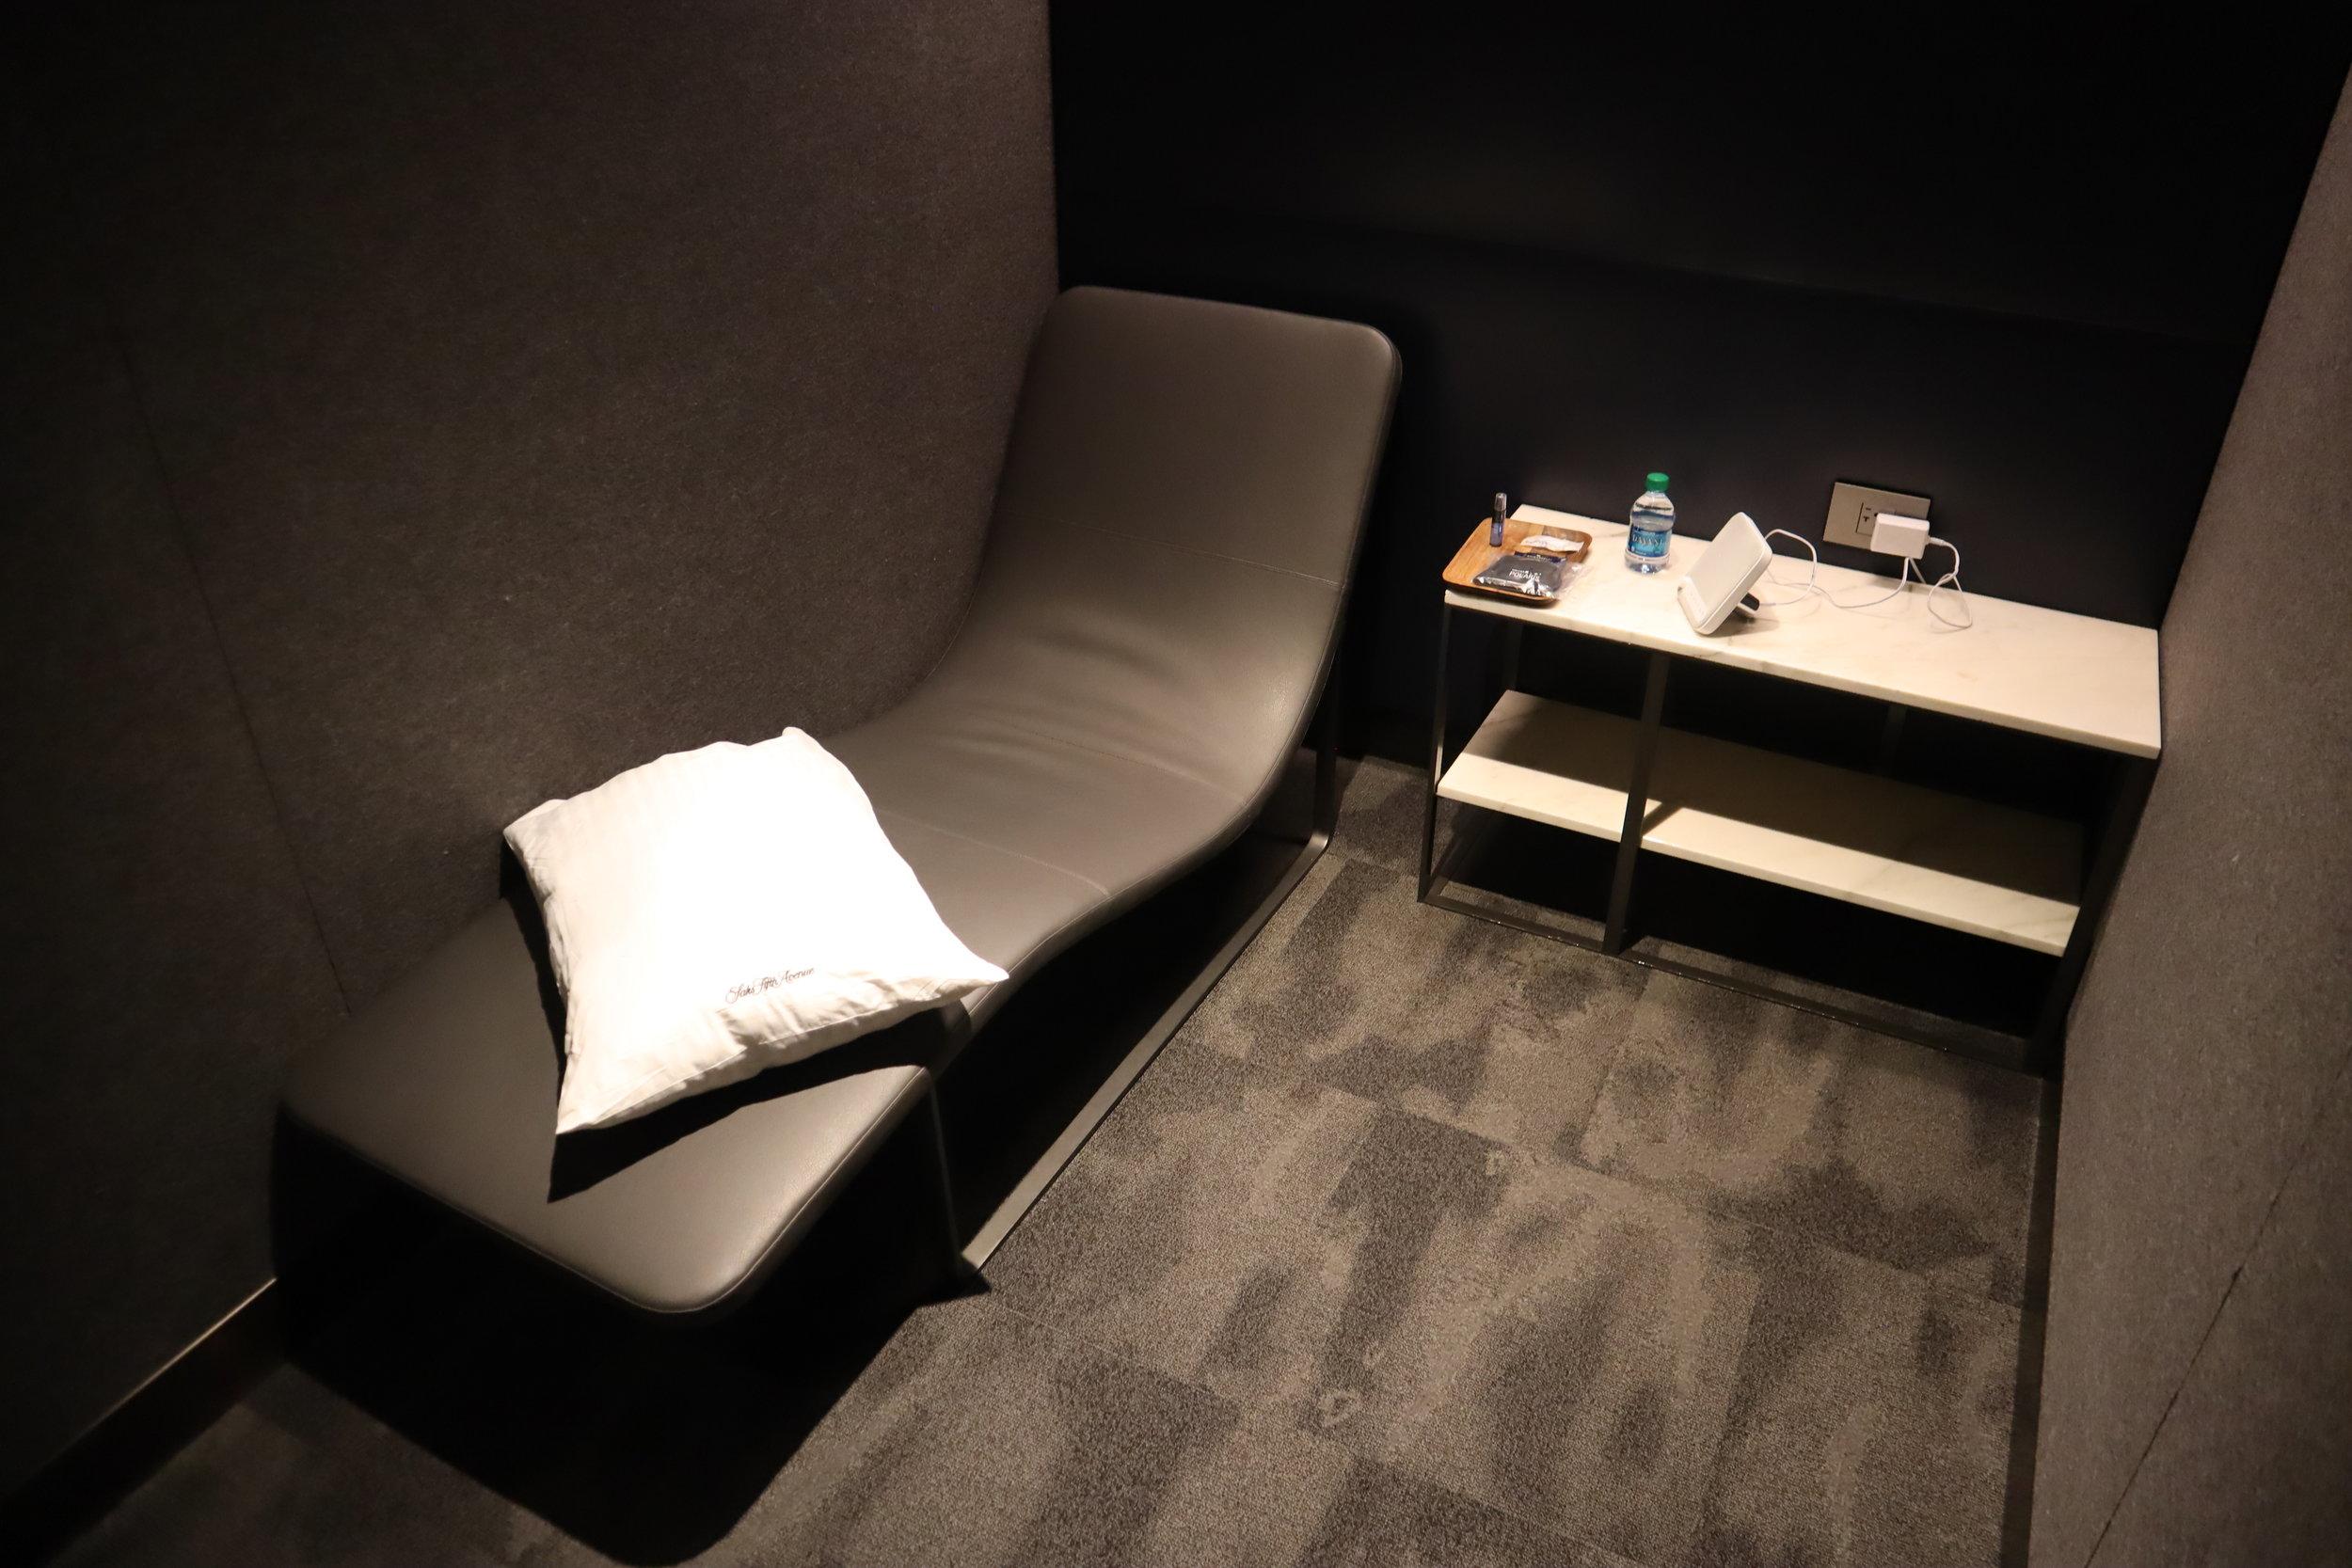 United Polaris Lounge Newark – Quiet suite